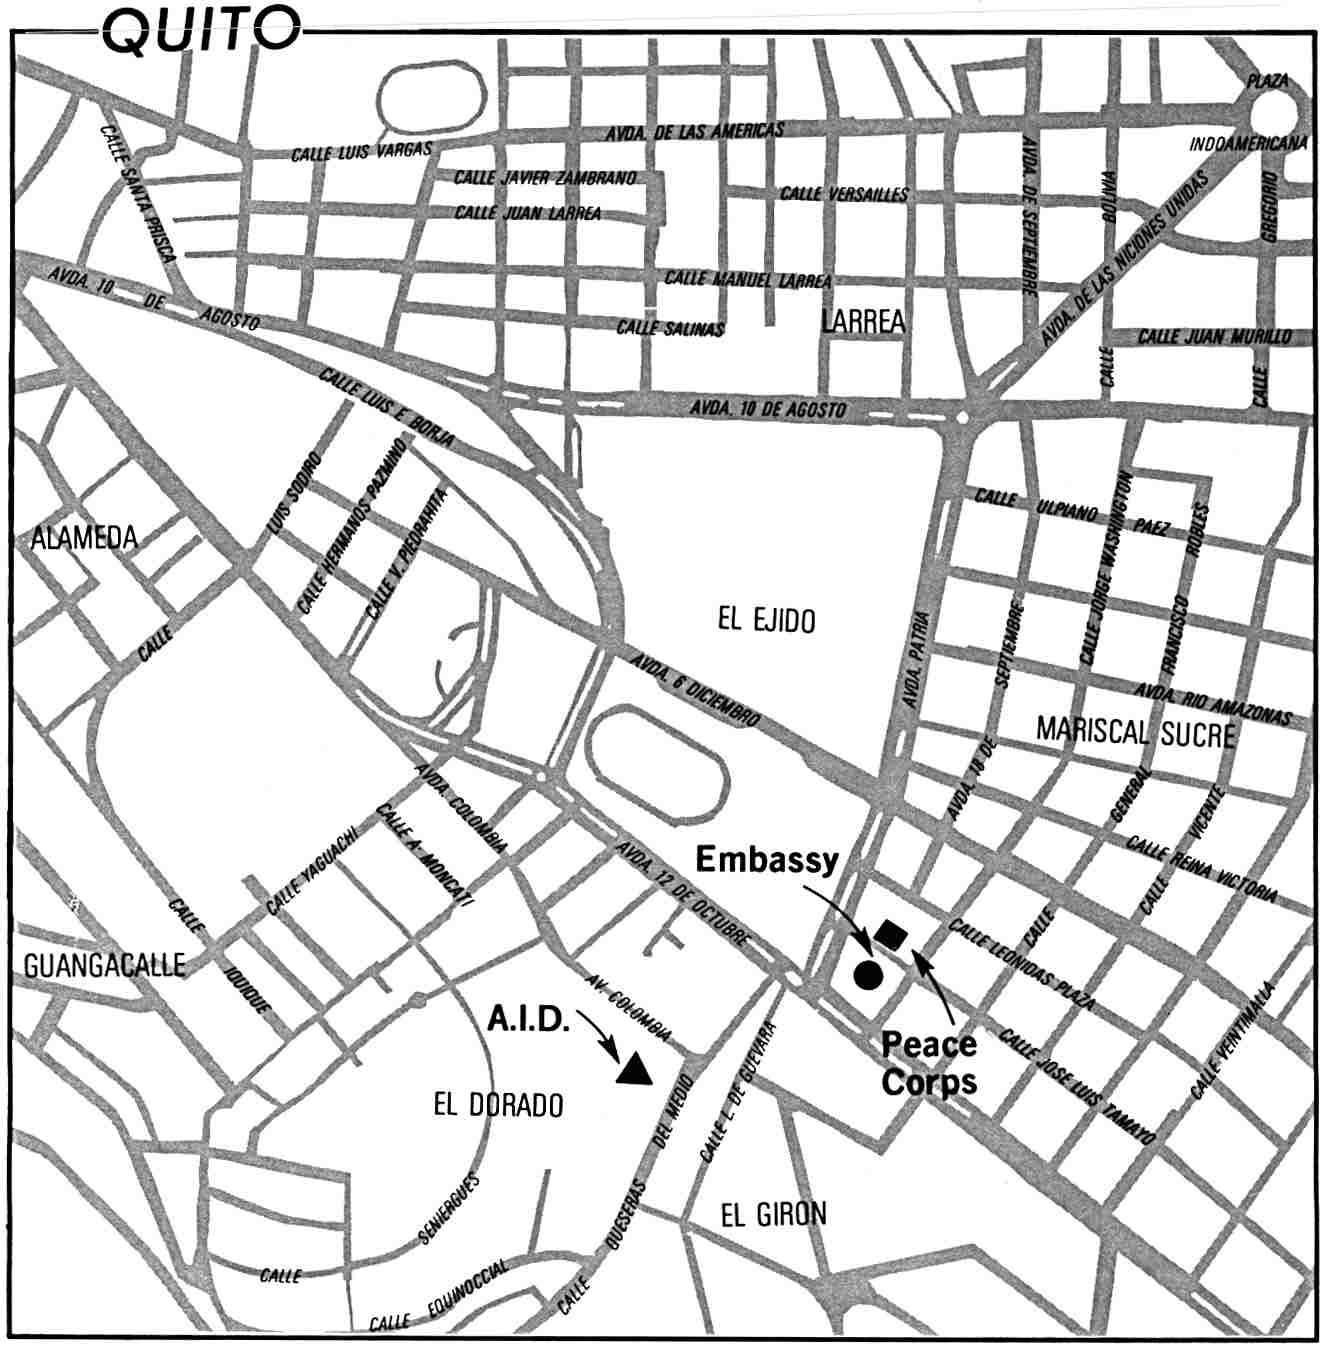 Quito City Map, Ecuador